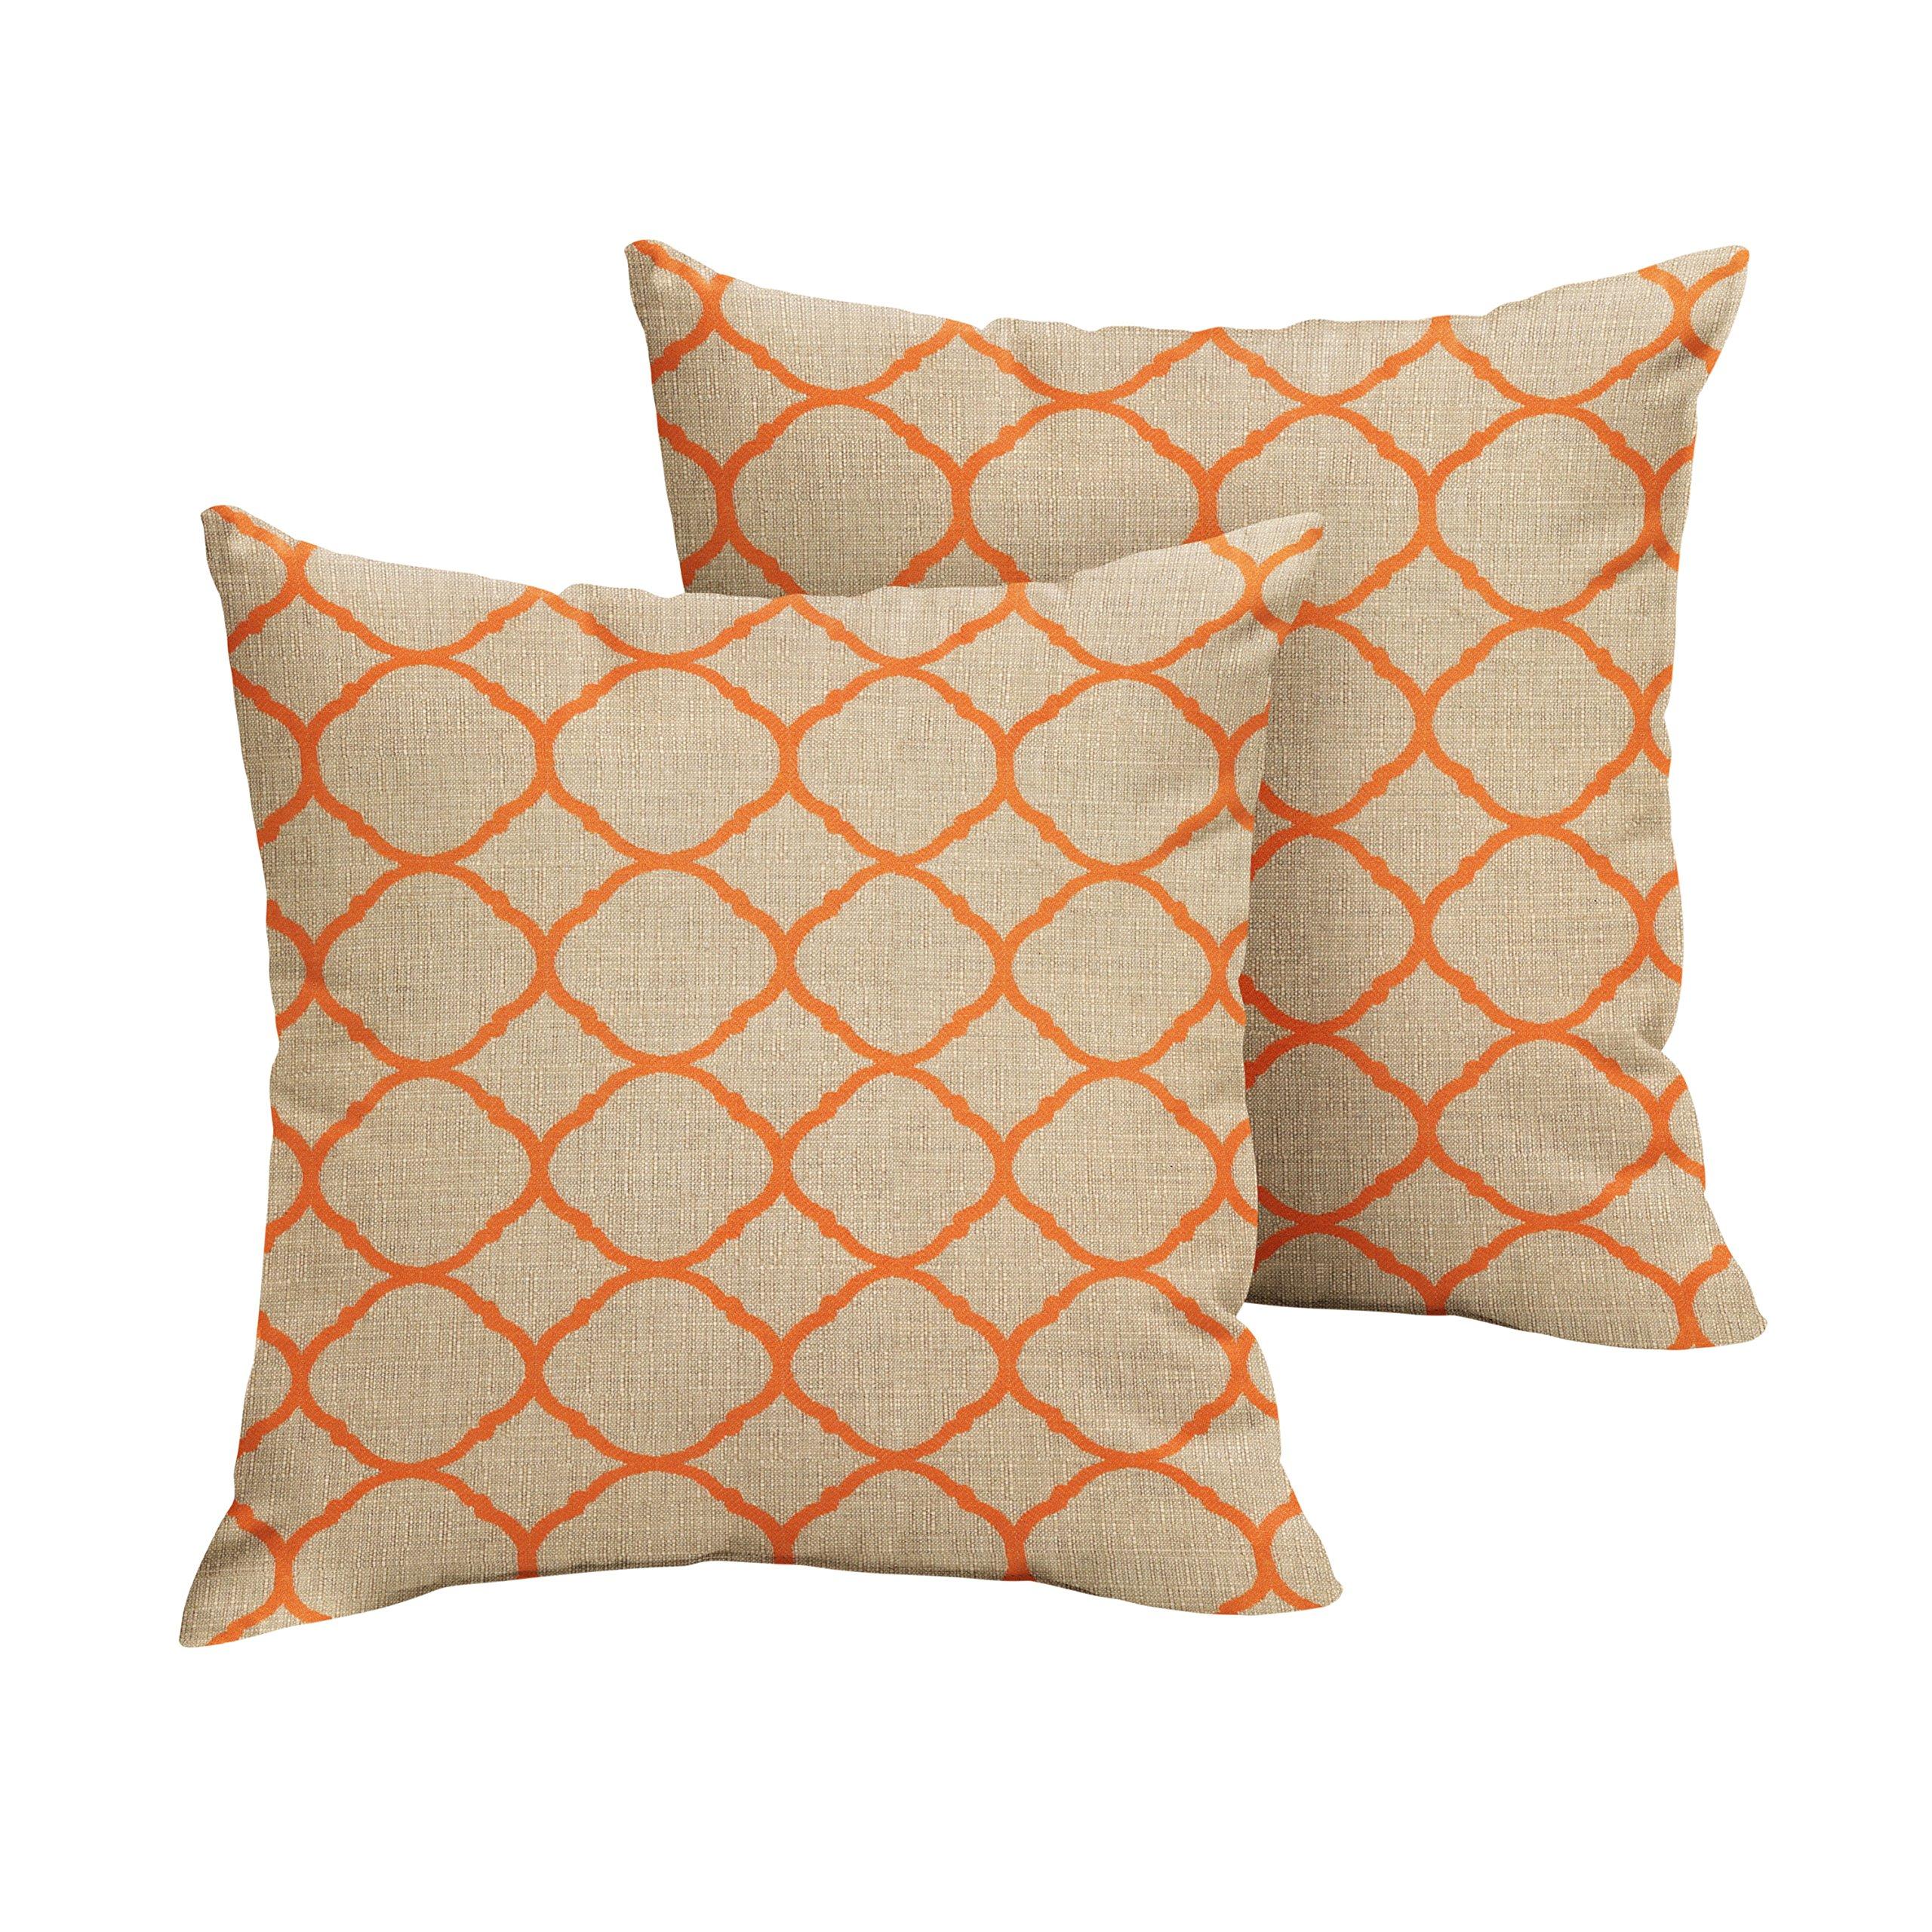 Mozaic AMPS106681 Square Pillow, 16'' Sunbrella - Accord Koi